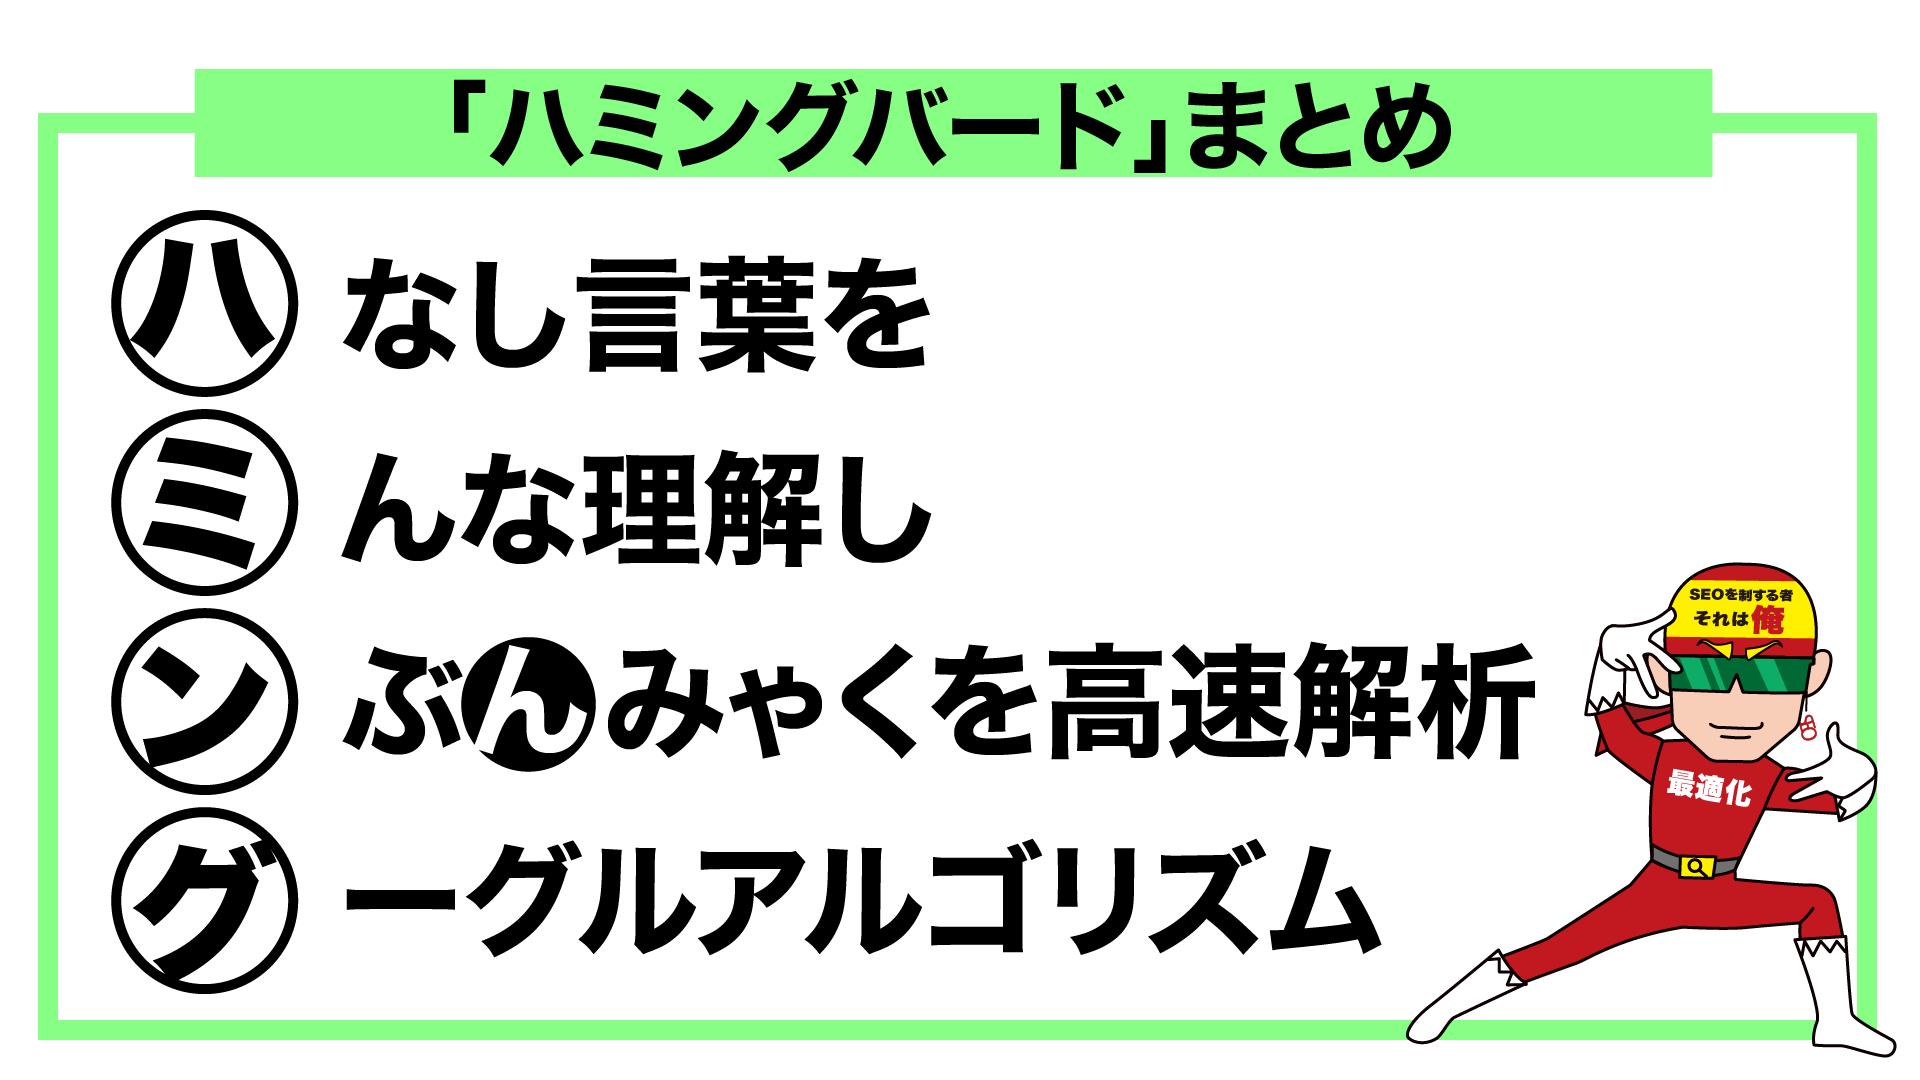 ハミングバード⑥‐漫画SEO用語集⑤